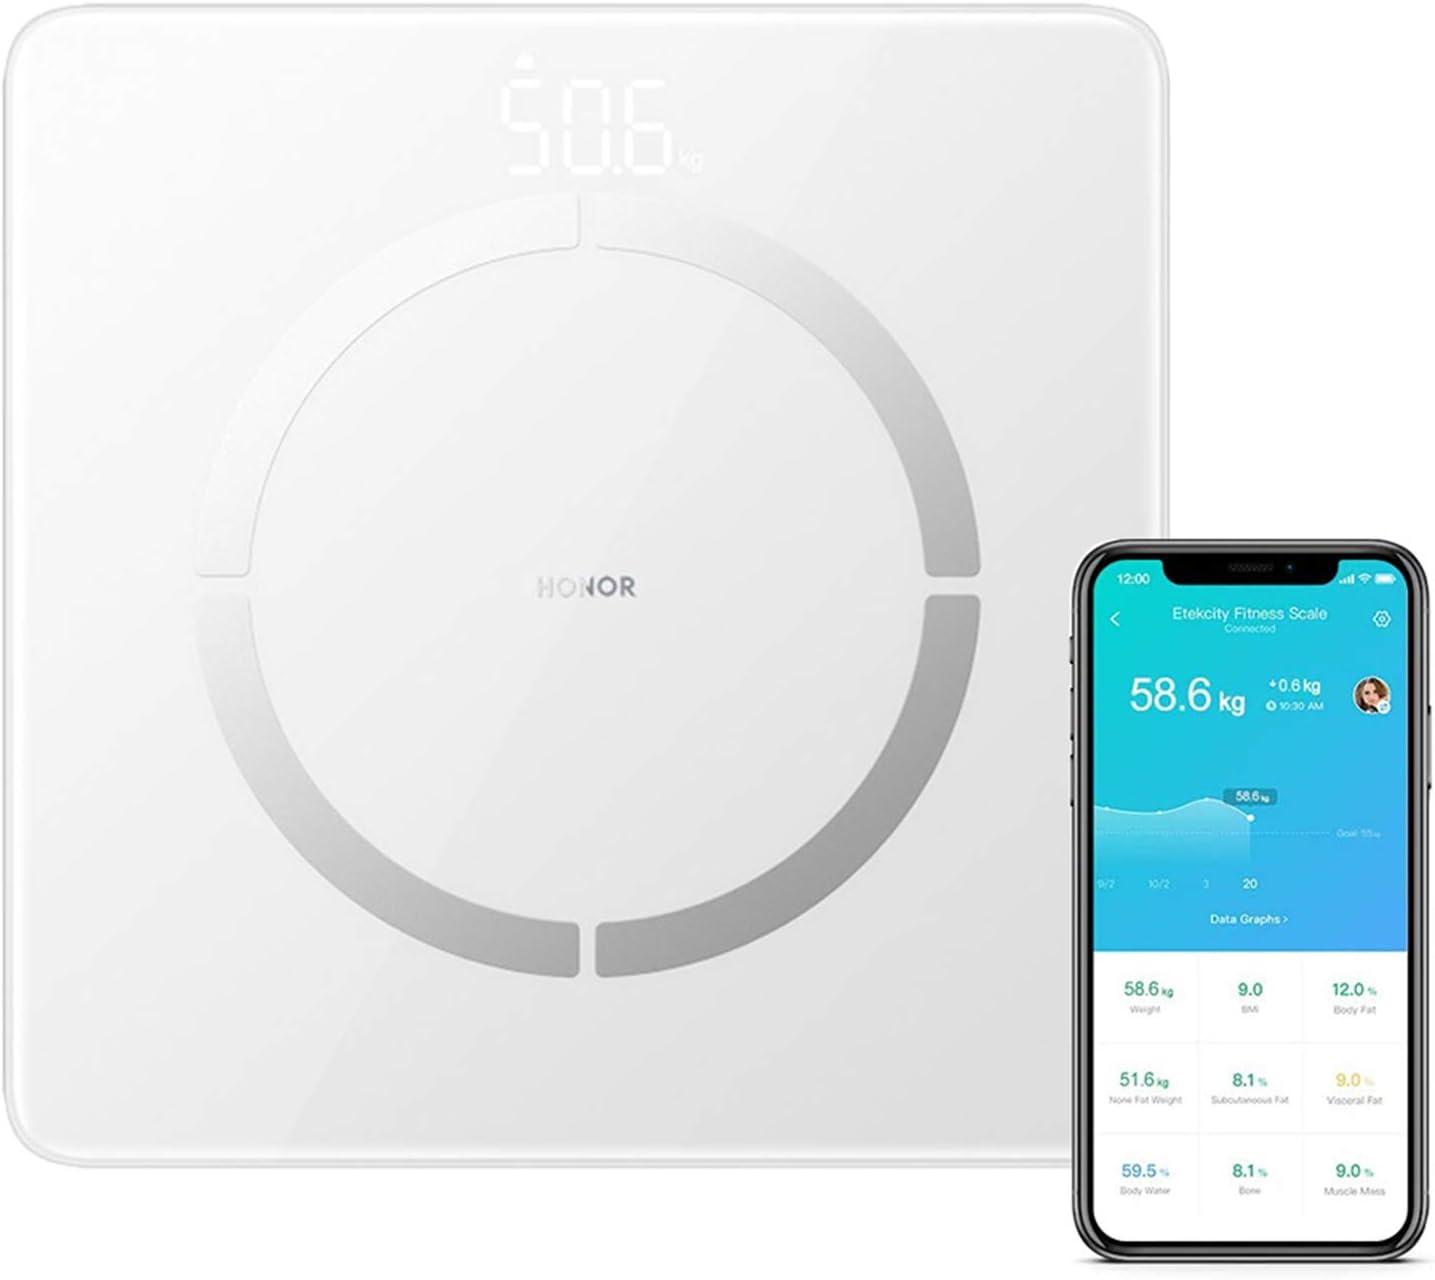 HONOR Scale 2 Báscula de Baño Báscula Grasa Corporal 14 Medidas Esenciales Báscula Inteligente Digital con Pantalla LCD para Móviles Android IOS (Blanco)